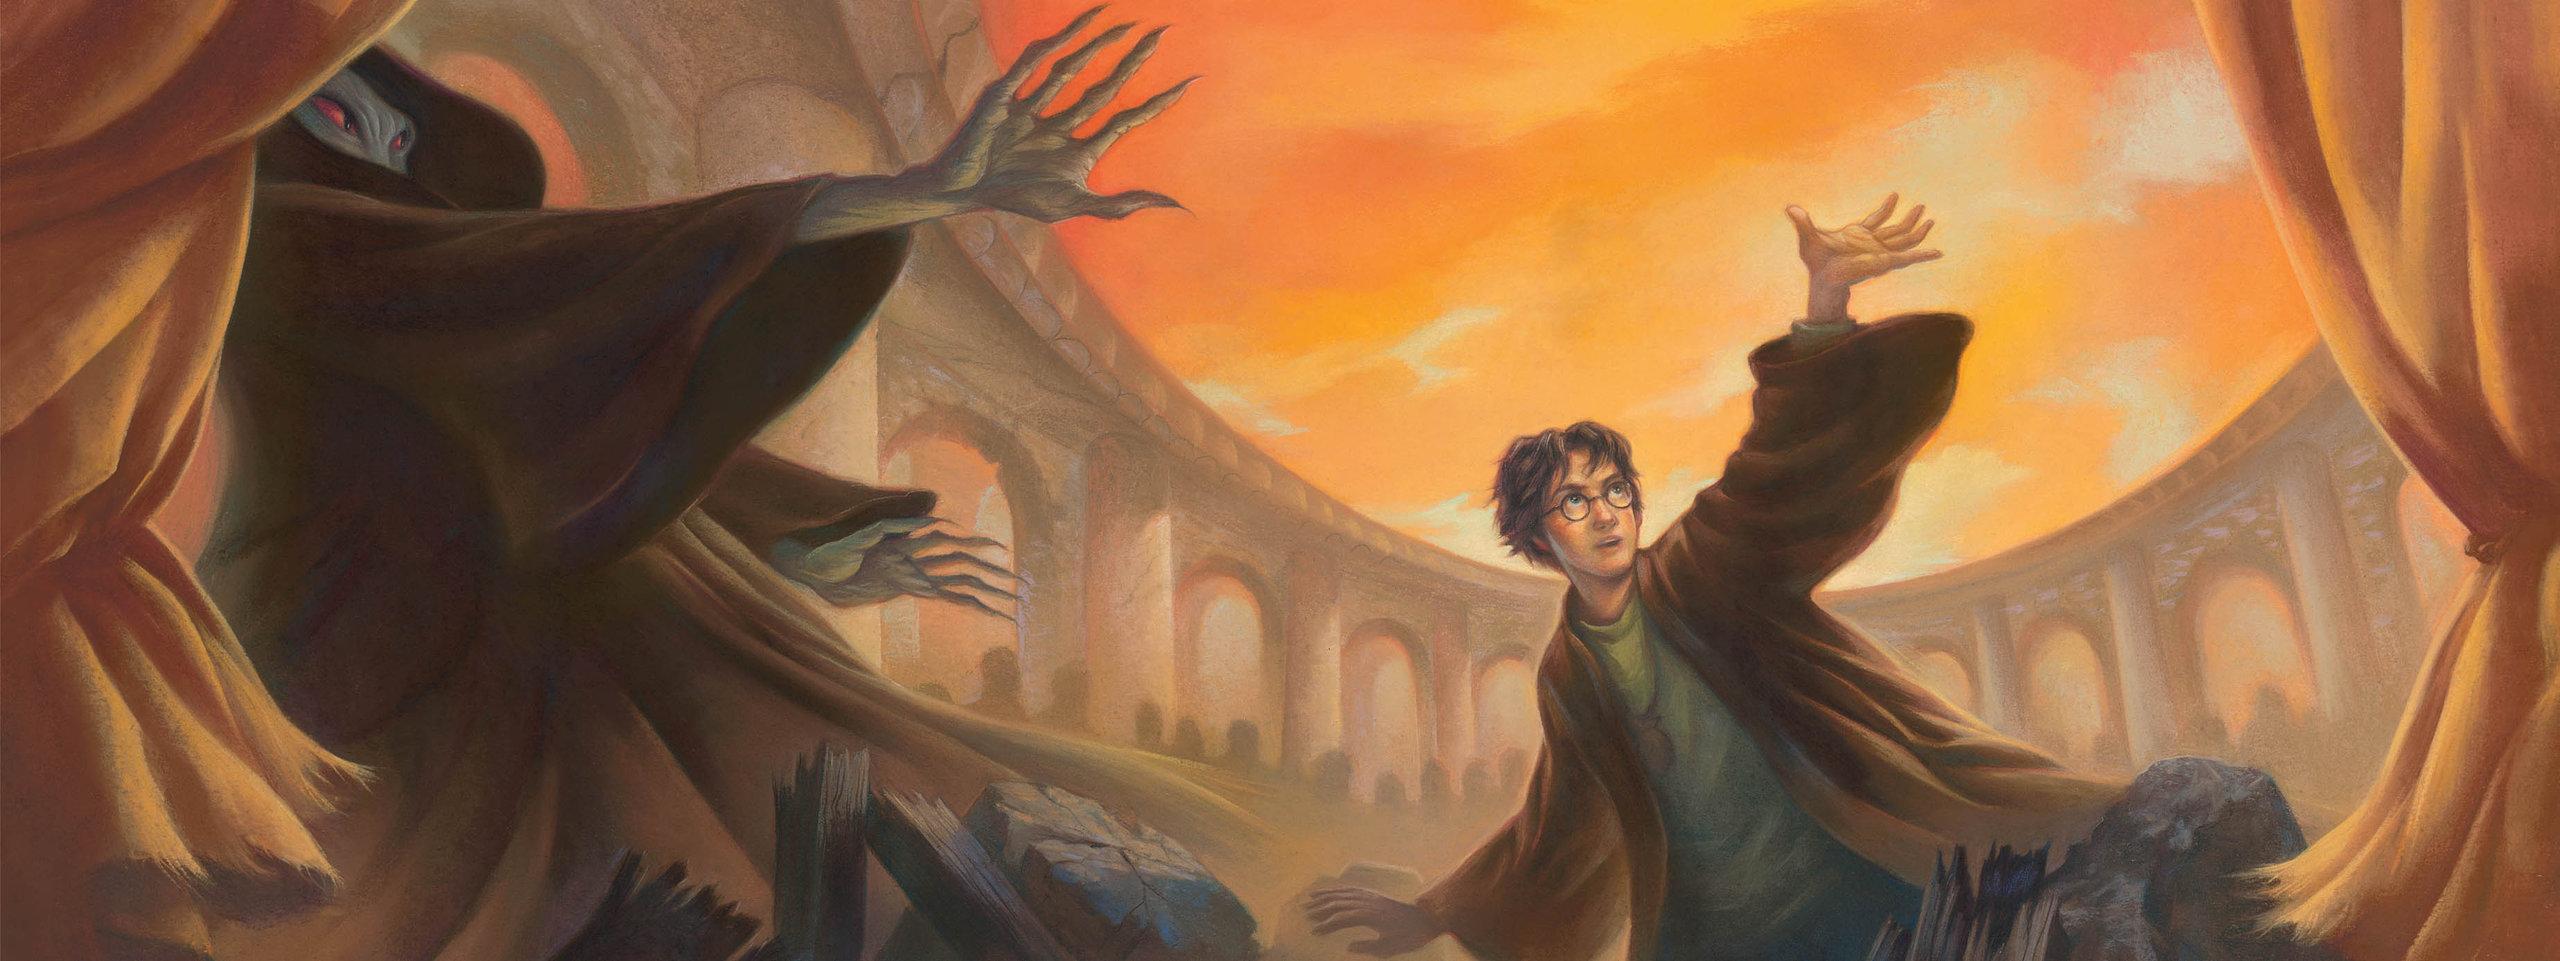 Гарри Поттер и Дары смерти. Часть 1, кадр № 1